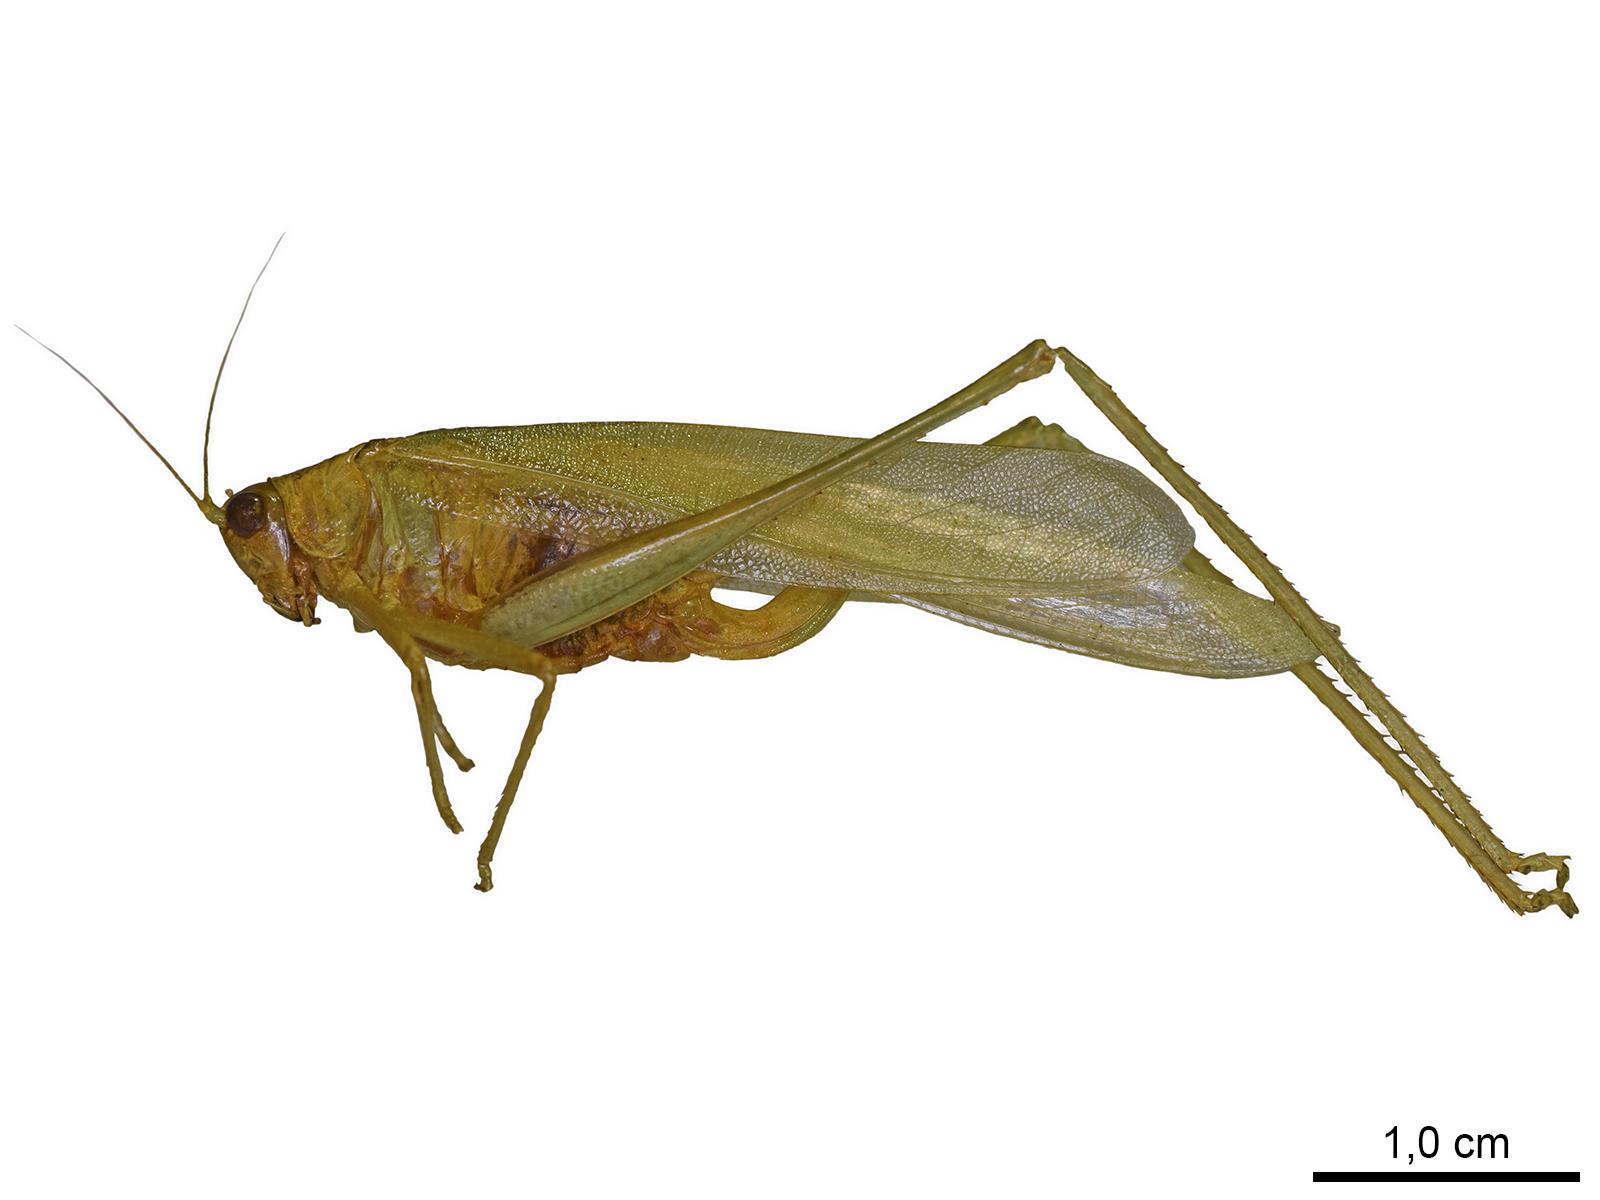 Ceraia hemidactyla (Rehr & Hebard, 1914)